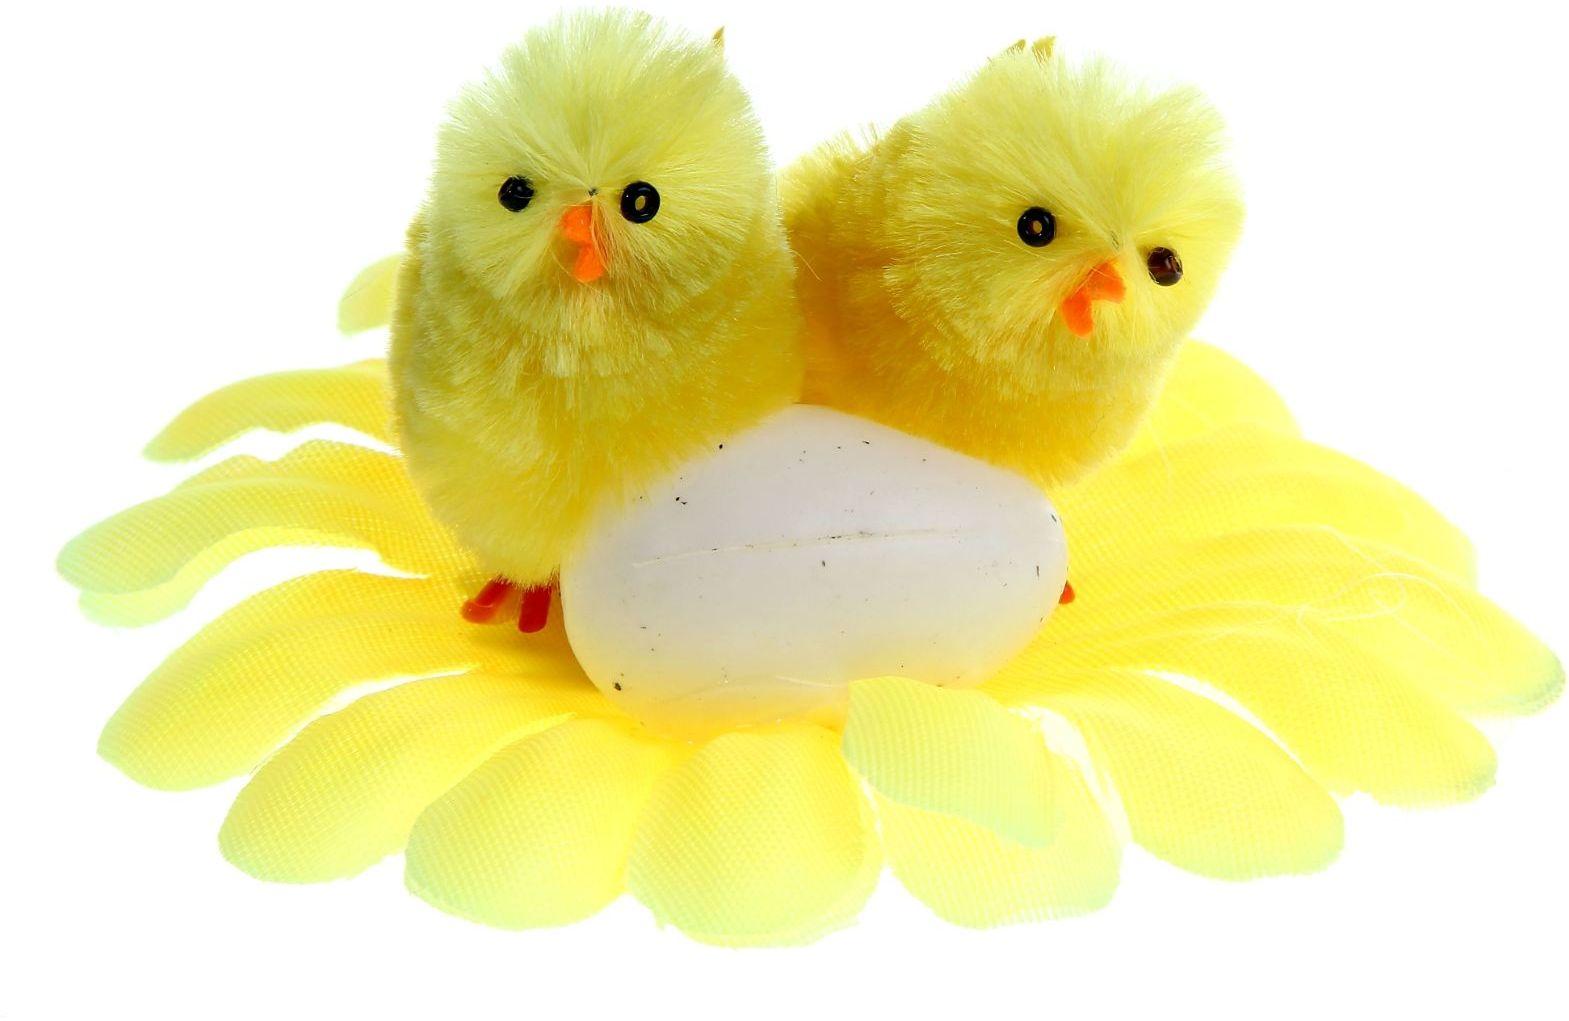 Сувенир пасхальный Sima-land Парочка с яйцом на цветке, 9 х 9 х 5 см945821Сувенир Парочка с яйцом на цветке - самый популярный пасхальный декор. Фигурками цып принято декорировать праздничный пасхальный стол во многих странах мира. Россия не исключение. Вы можете украсить таким замечательным сувениром тарелку гостей, превратив её в гнездо. Или преподнести его в качестве подарка близкому человеку.